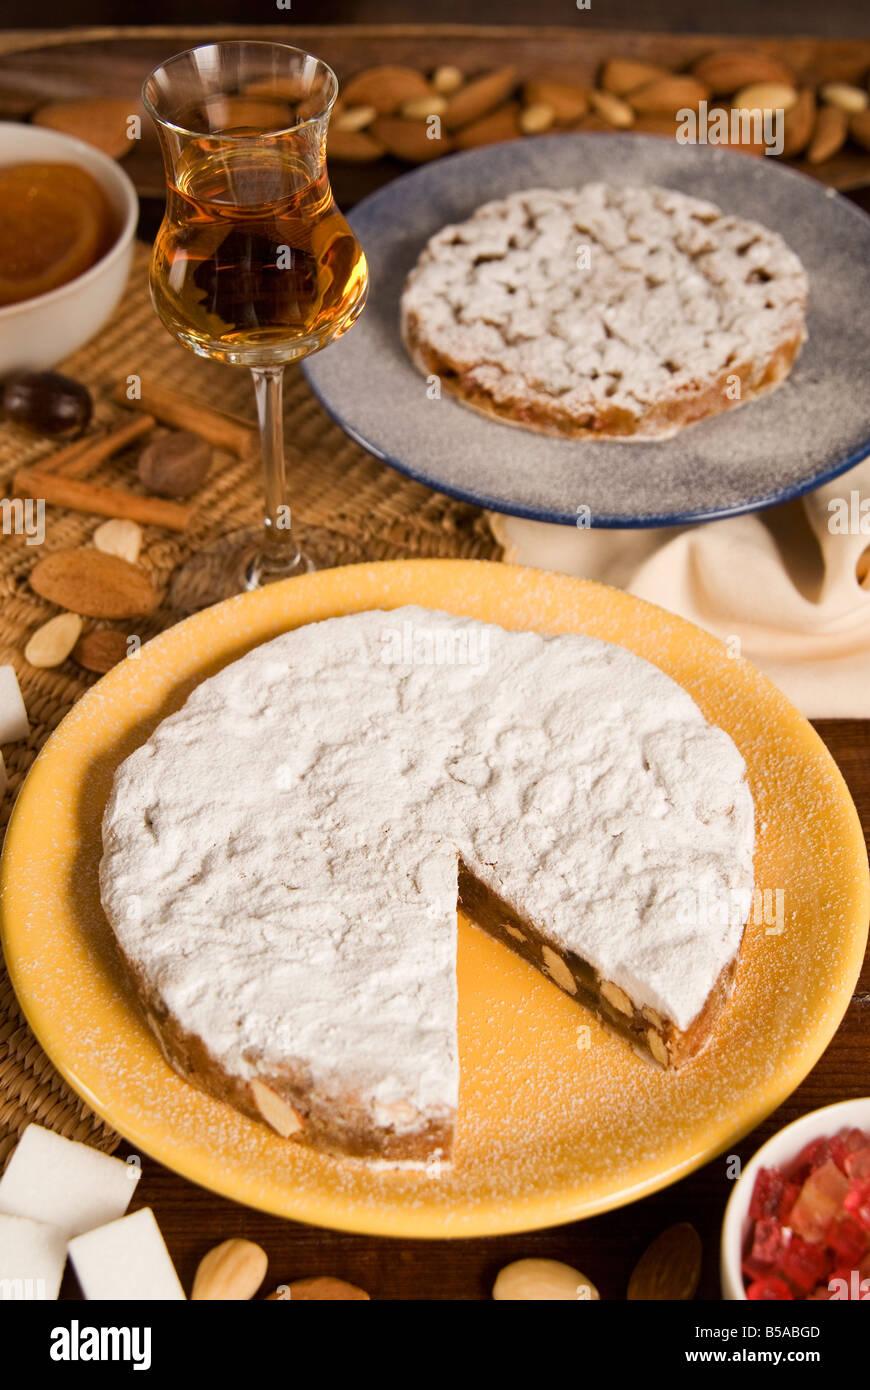 Panforte Von Siena Ein Kuchen Aus Honig Mandeln Haselnusse